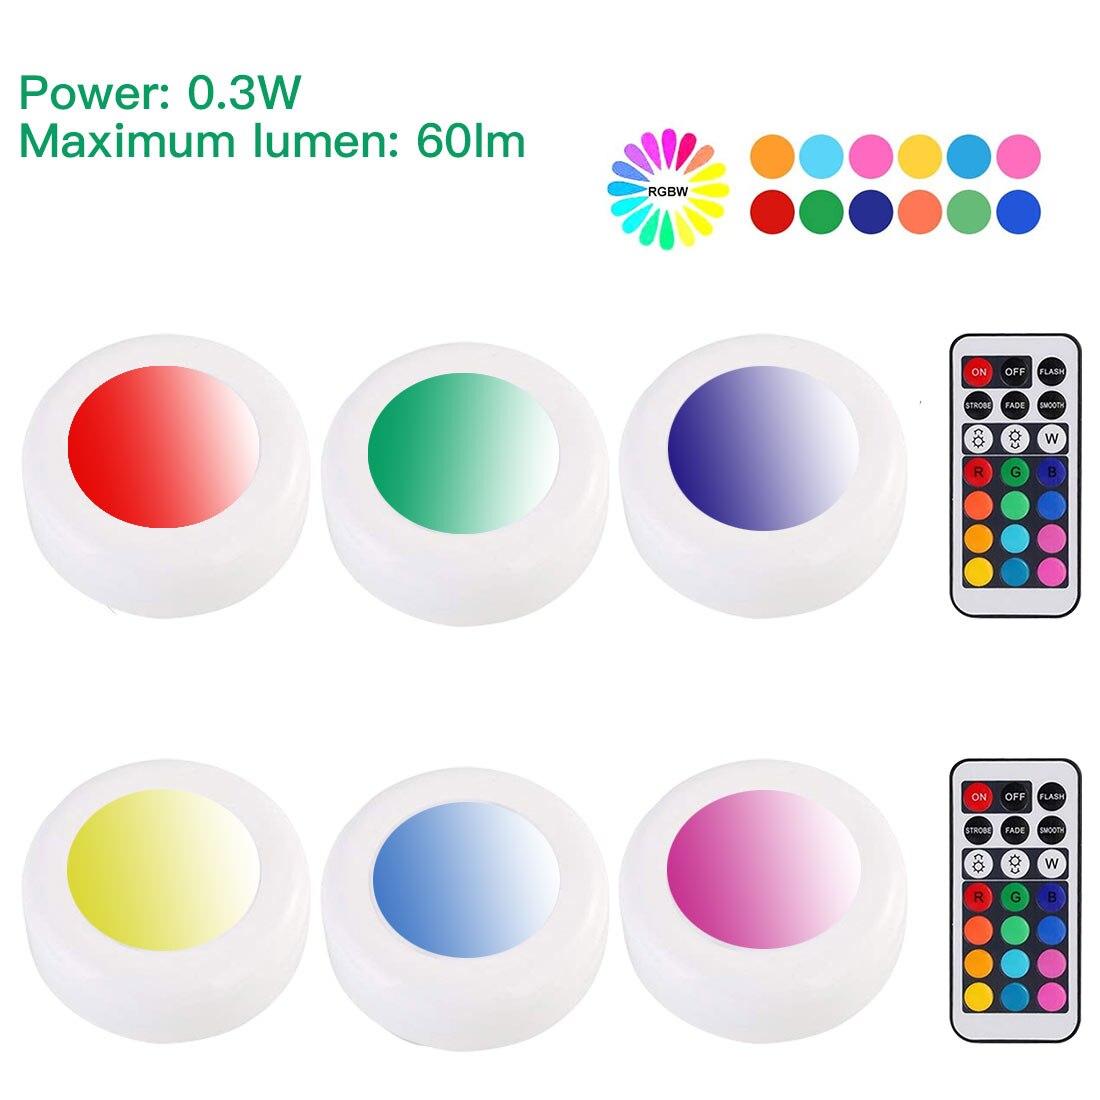 Under Cabinet Lights 6 Pack, LED Lights Remote Control Kitchen Wardrobe Lights Natural Warm White Brightness